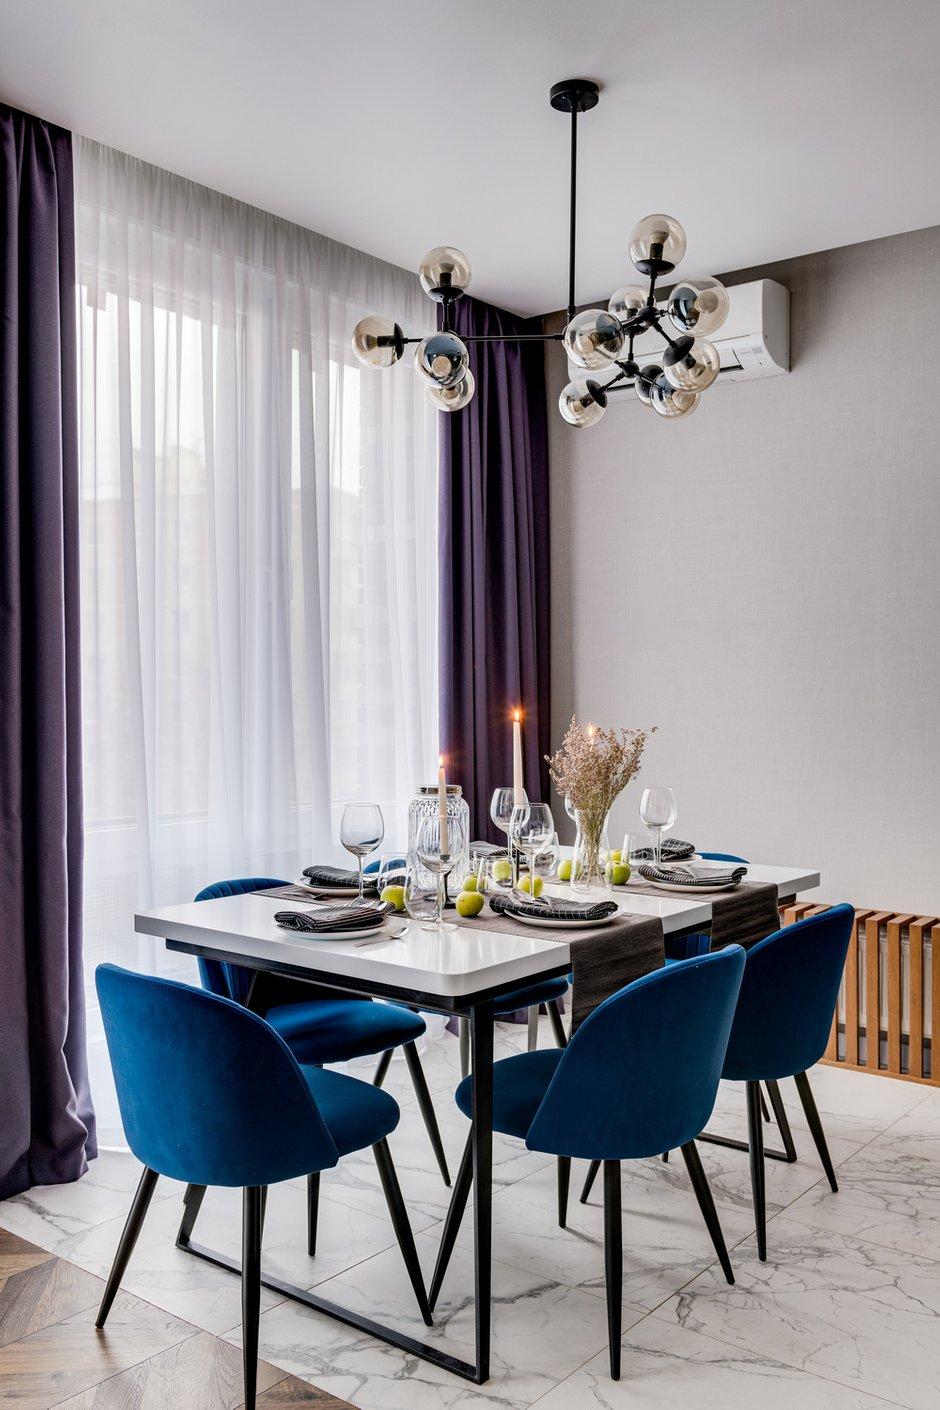 Фотография: Кухня и столовая в стиле Современный, Квартира, Проект недели, Мытищи, 4 и больше, Более 90 метров, Анна Шаповалова – фото на INMYROOM